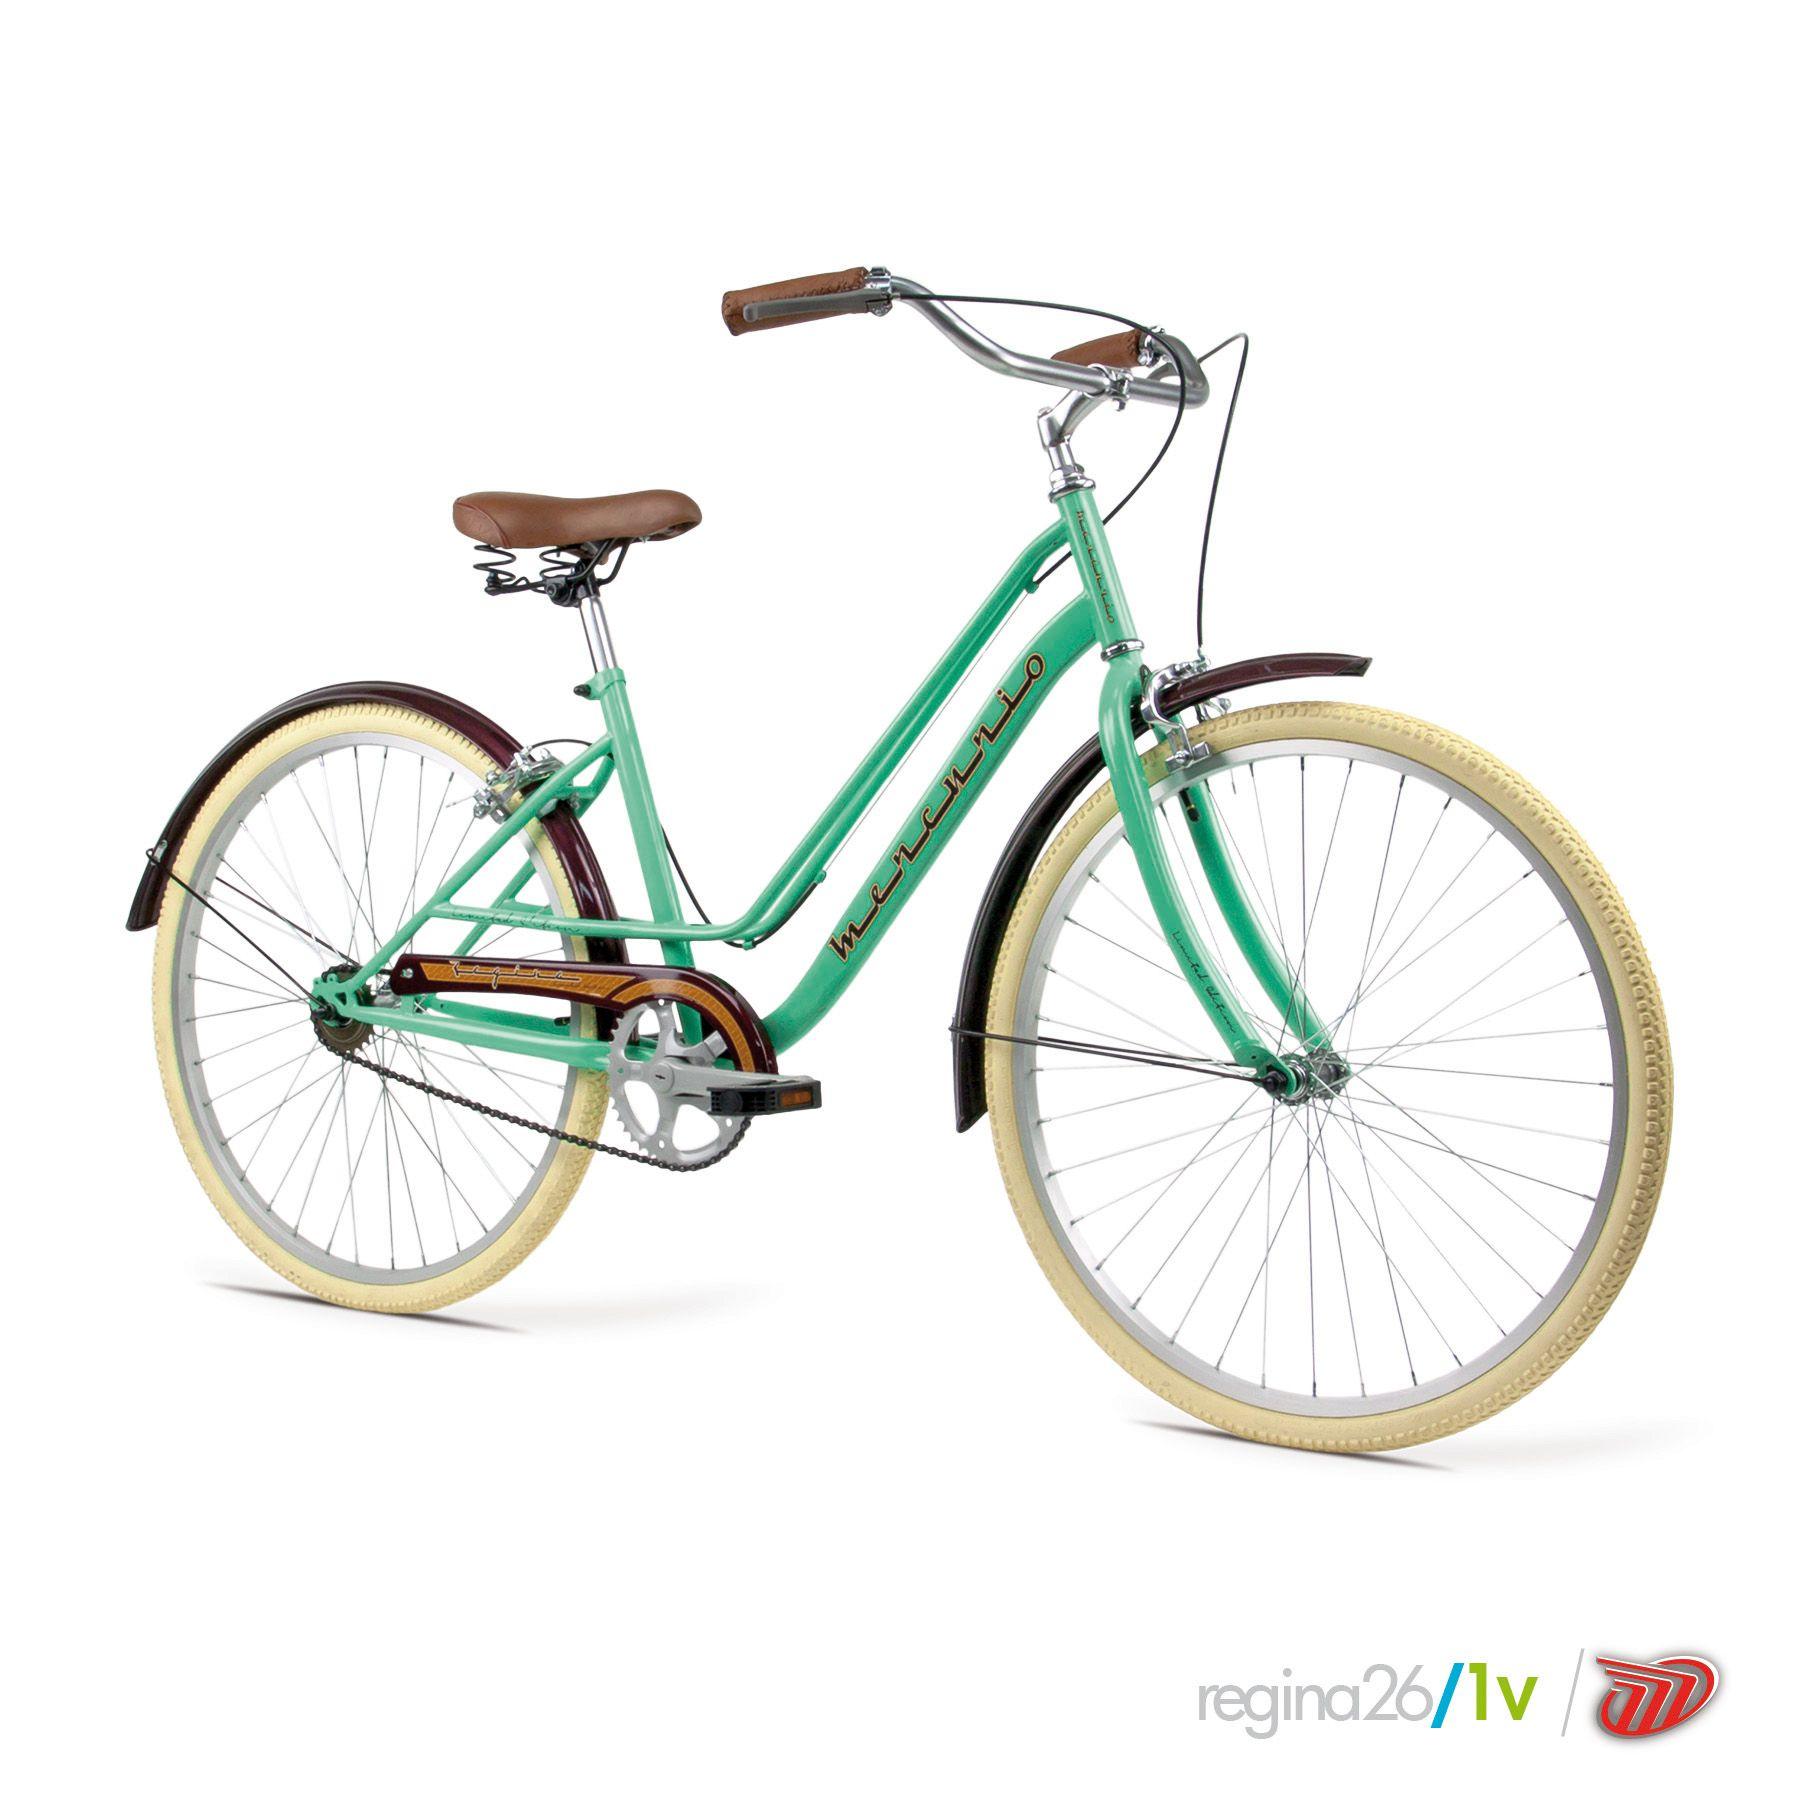 Bicicletas Mercurio Modelo Regina26   #Urban #bikes #bicicletas #bicicletasmercurio    www.bicicletasmercurio.com.mx